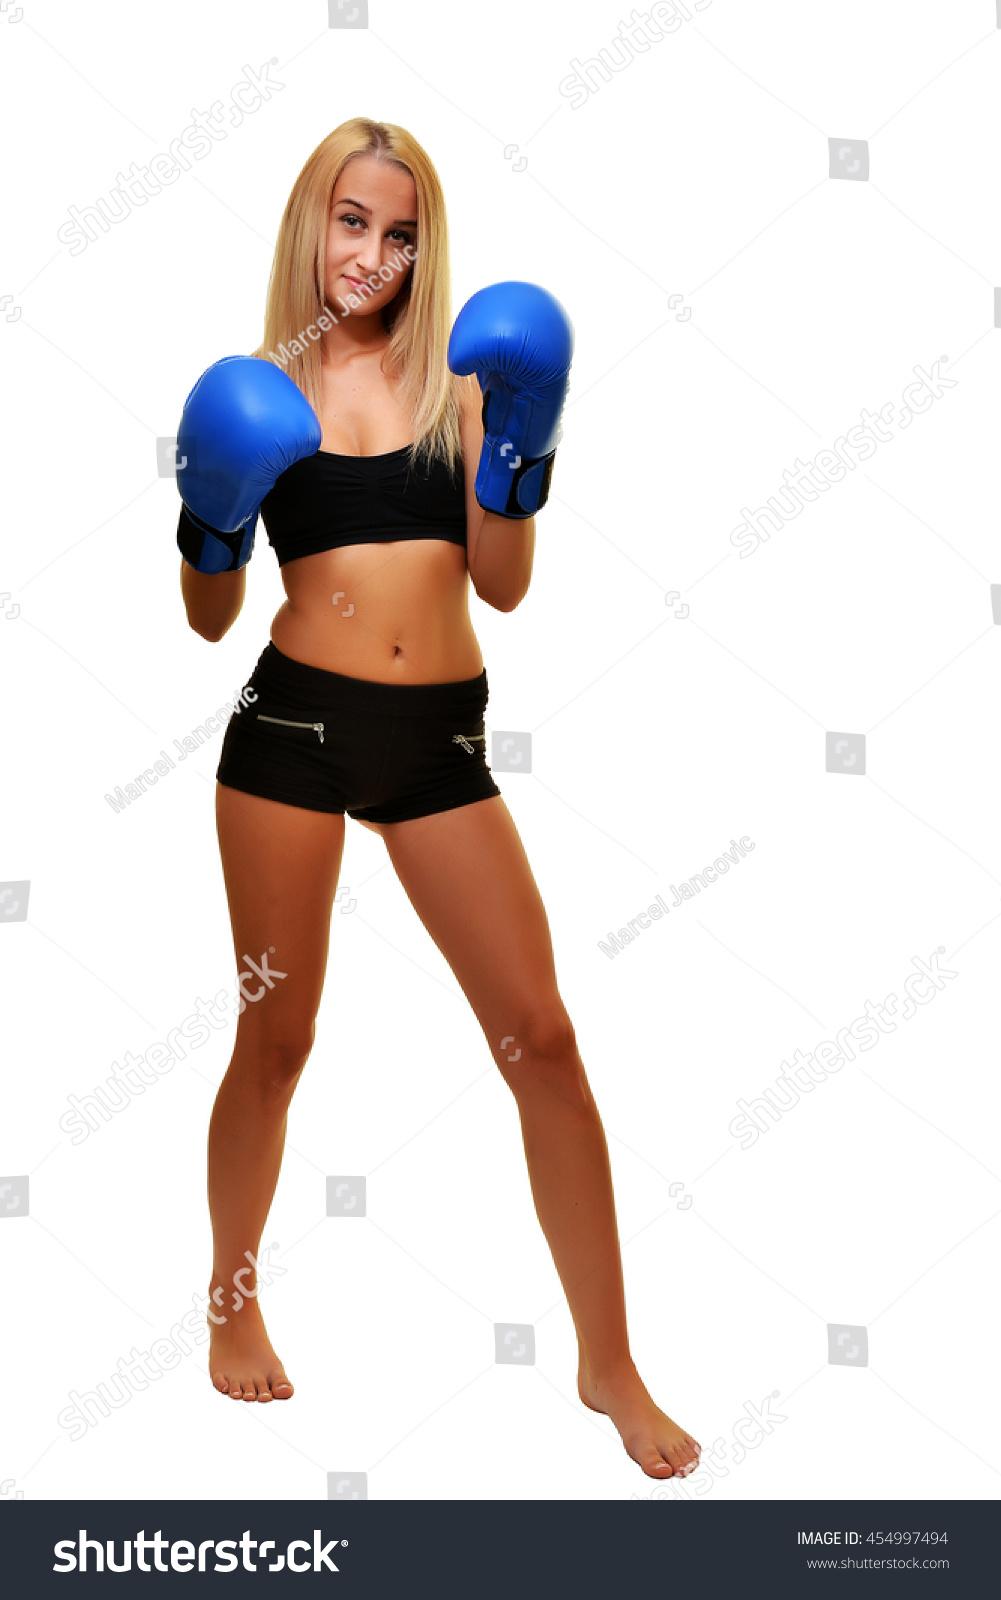 Sexy ladies boxing